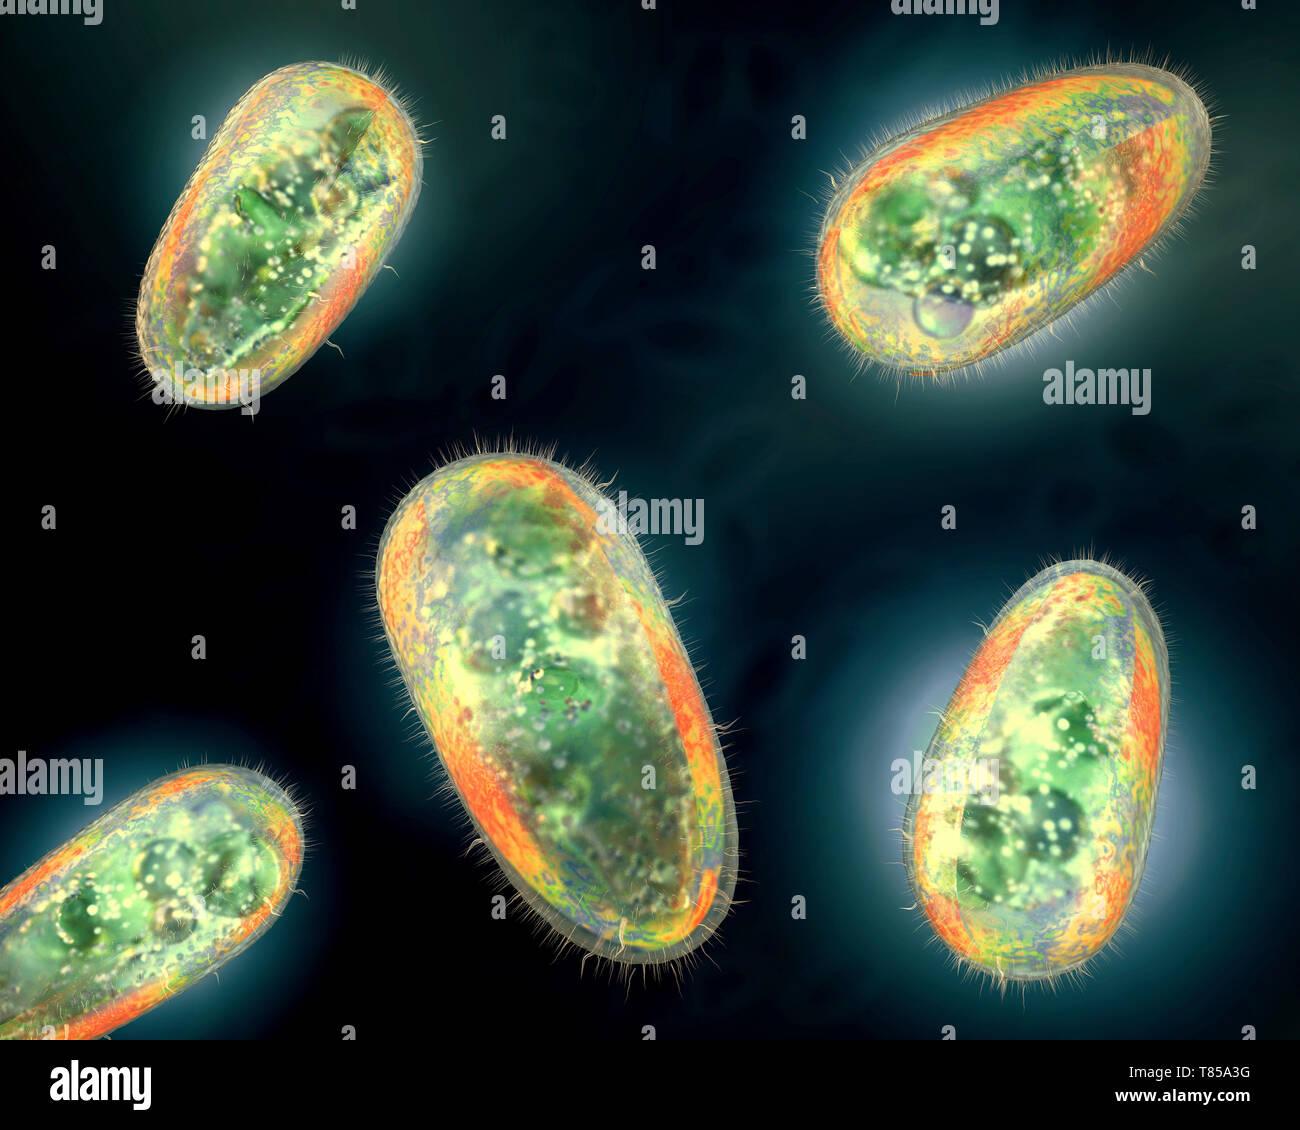 Protozoa >> Protozoa Illustration Stock Photo 245980100 Alamy